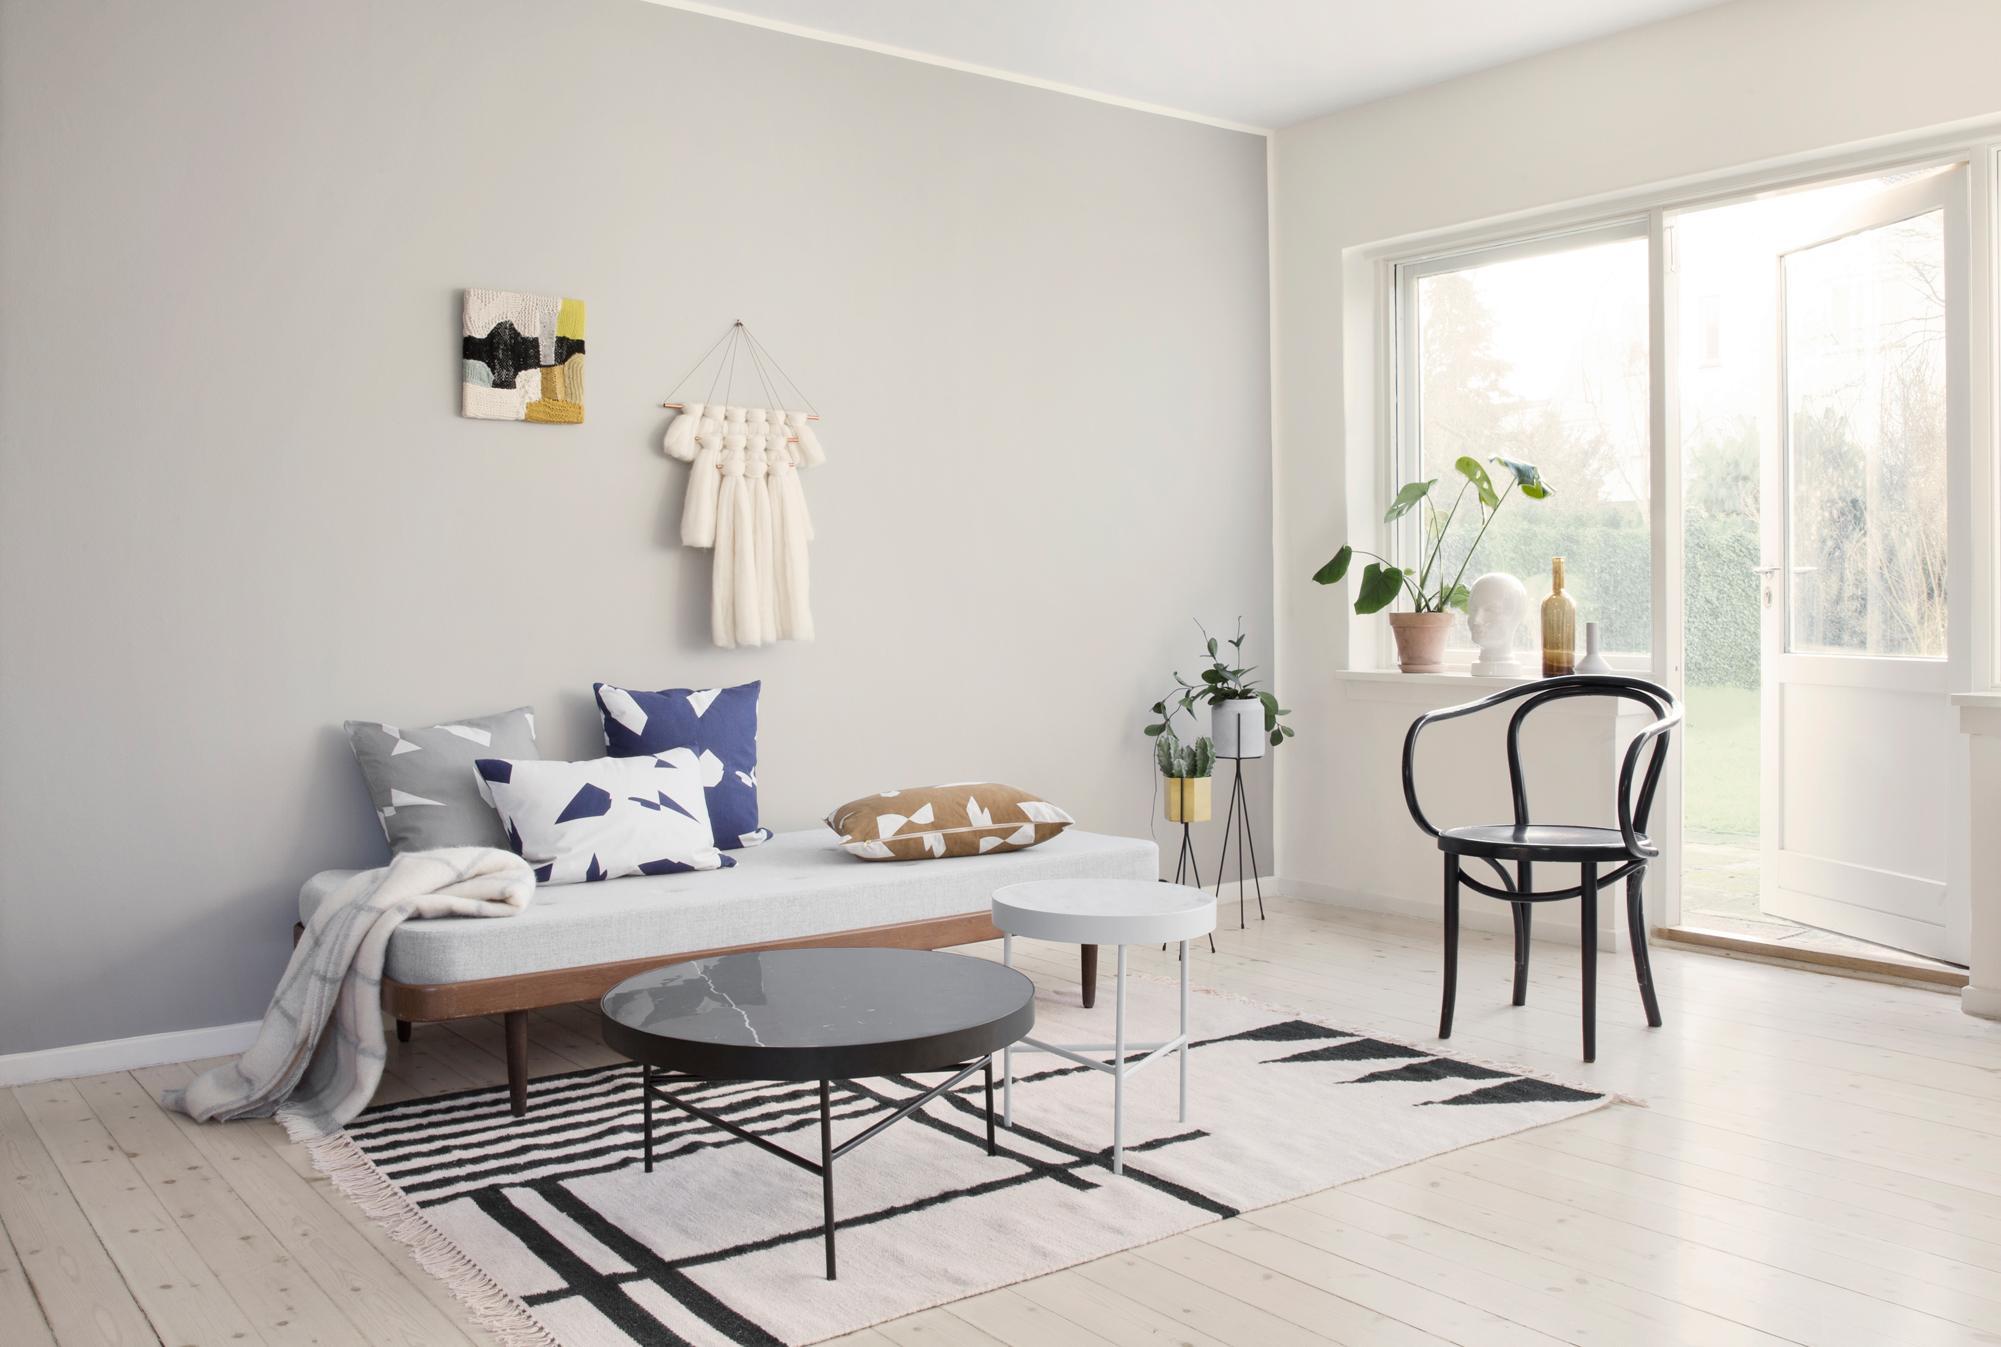 Dekokissen Peppen Das Wohnzimmer Auf #stuhl #couchtisch #teppich #wohnzimmer  #grauessofa #